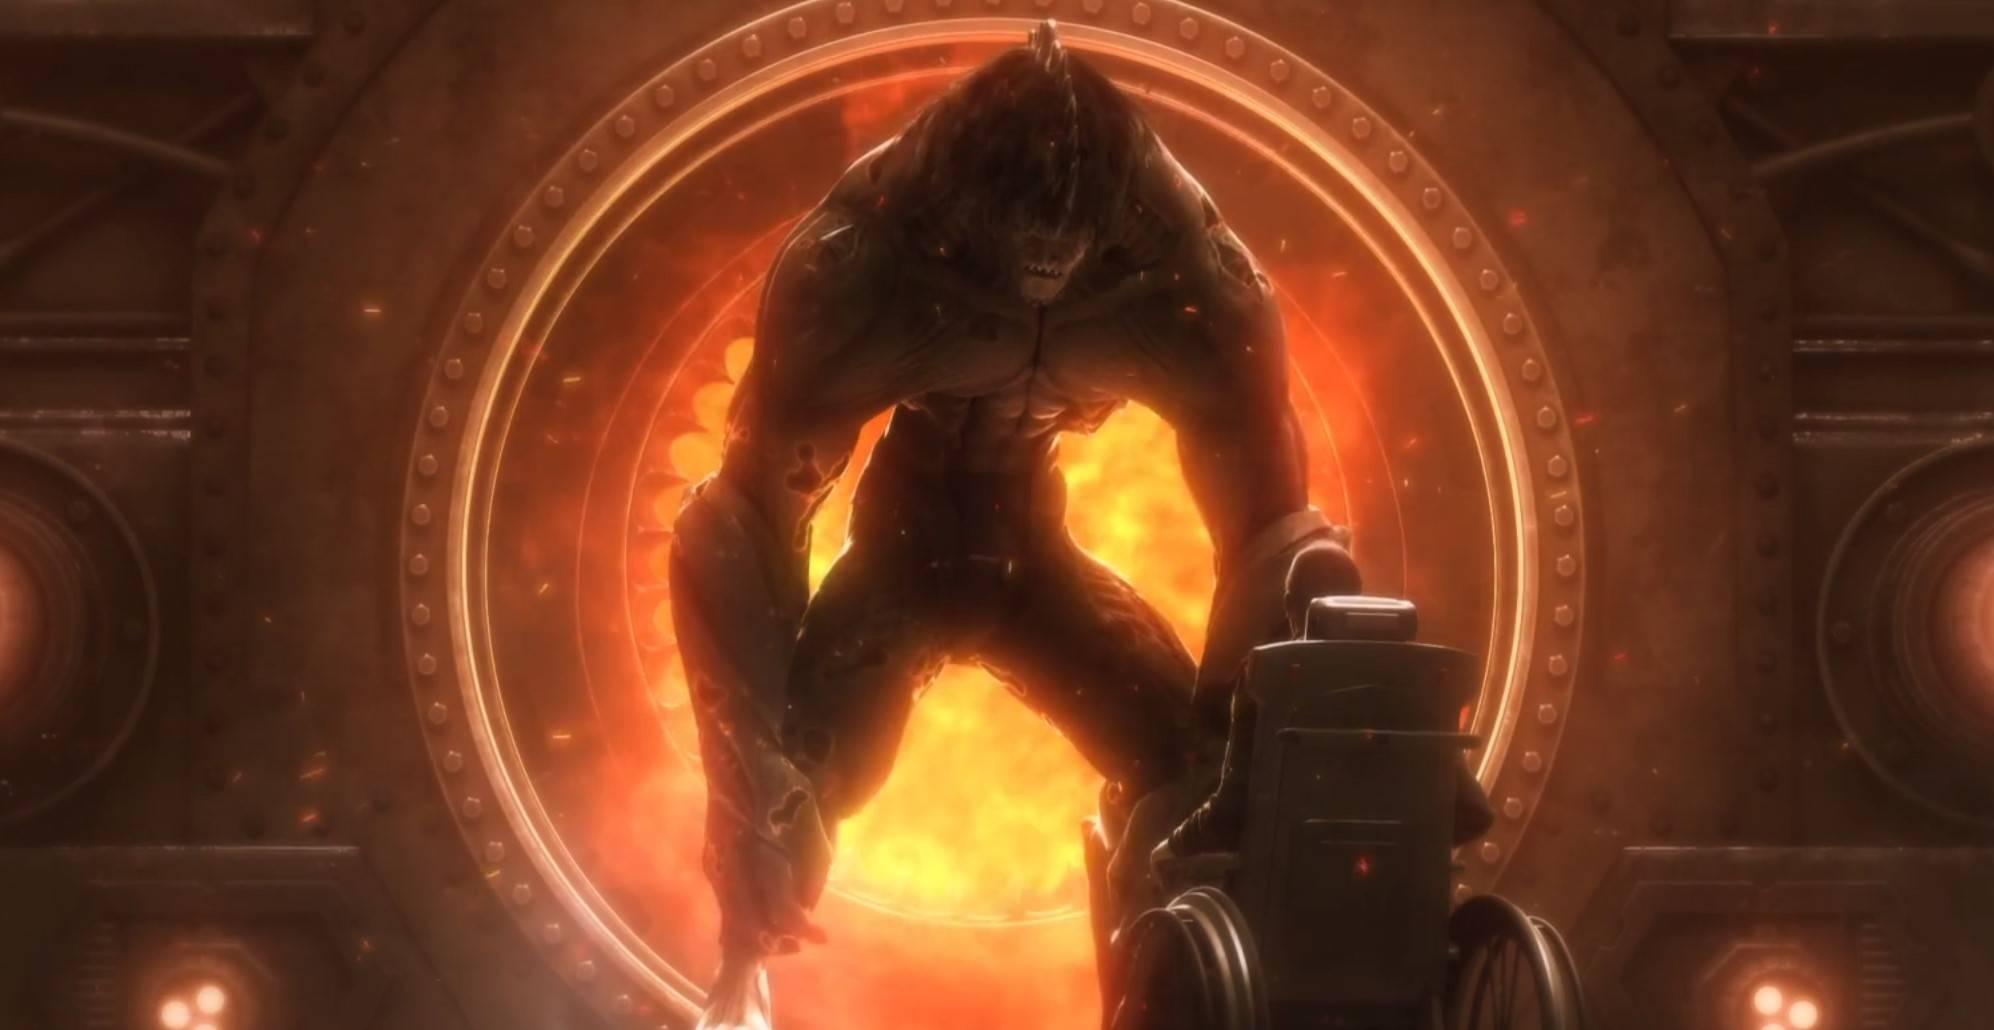 《灵笼》:脊蛊虫是人类进化失败的产物?马克队长在烈火中死而复生!